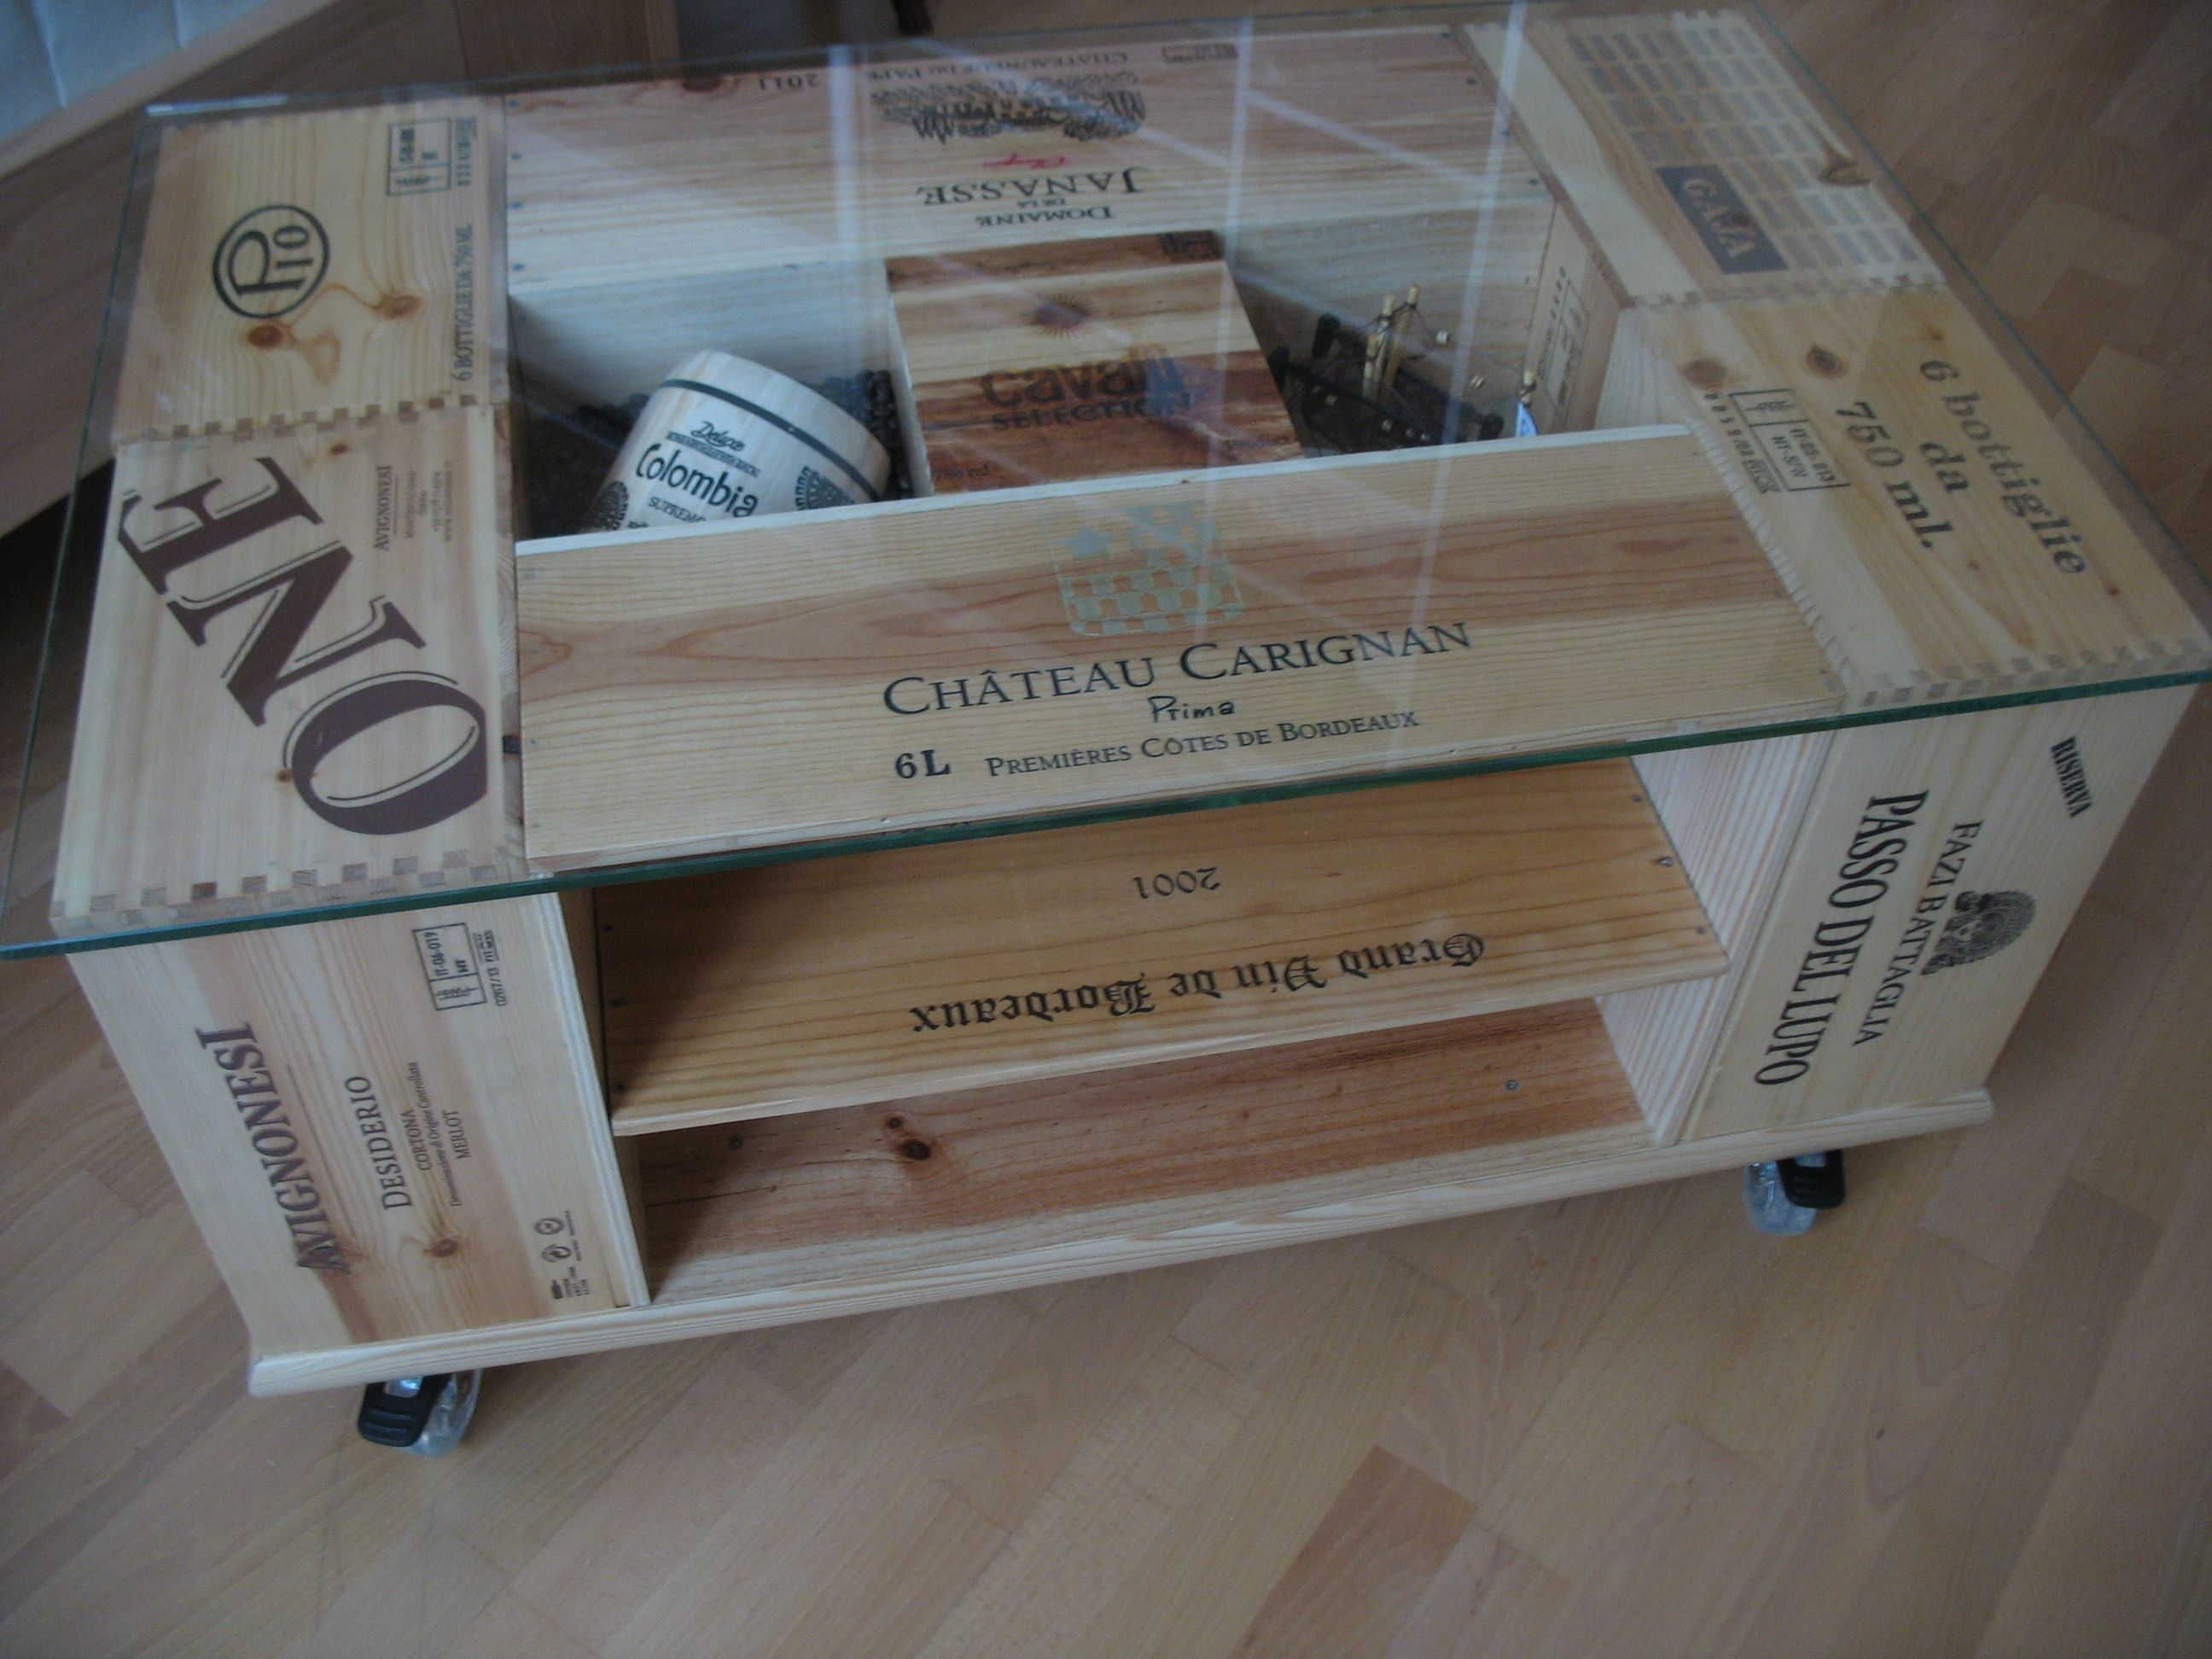 Table Basse Avec Caisse A Vin vintage wine box crate coffee table … | deco caisse de vin